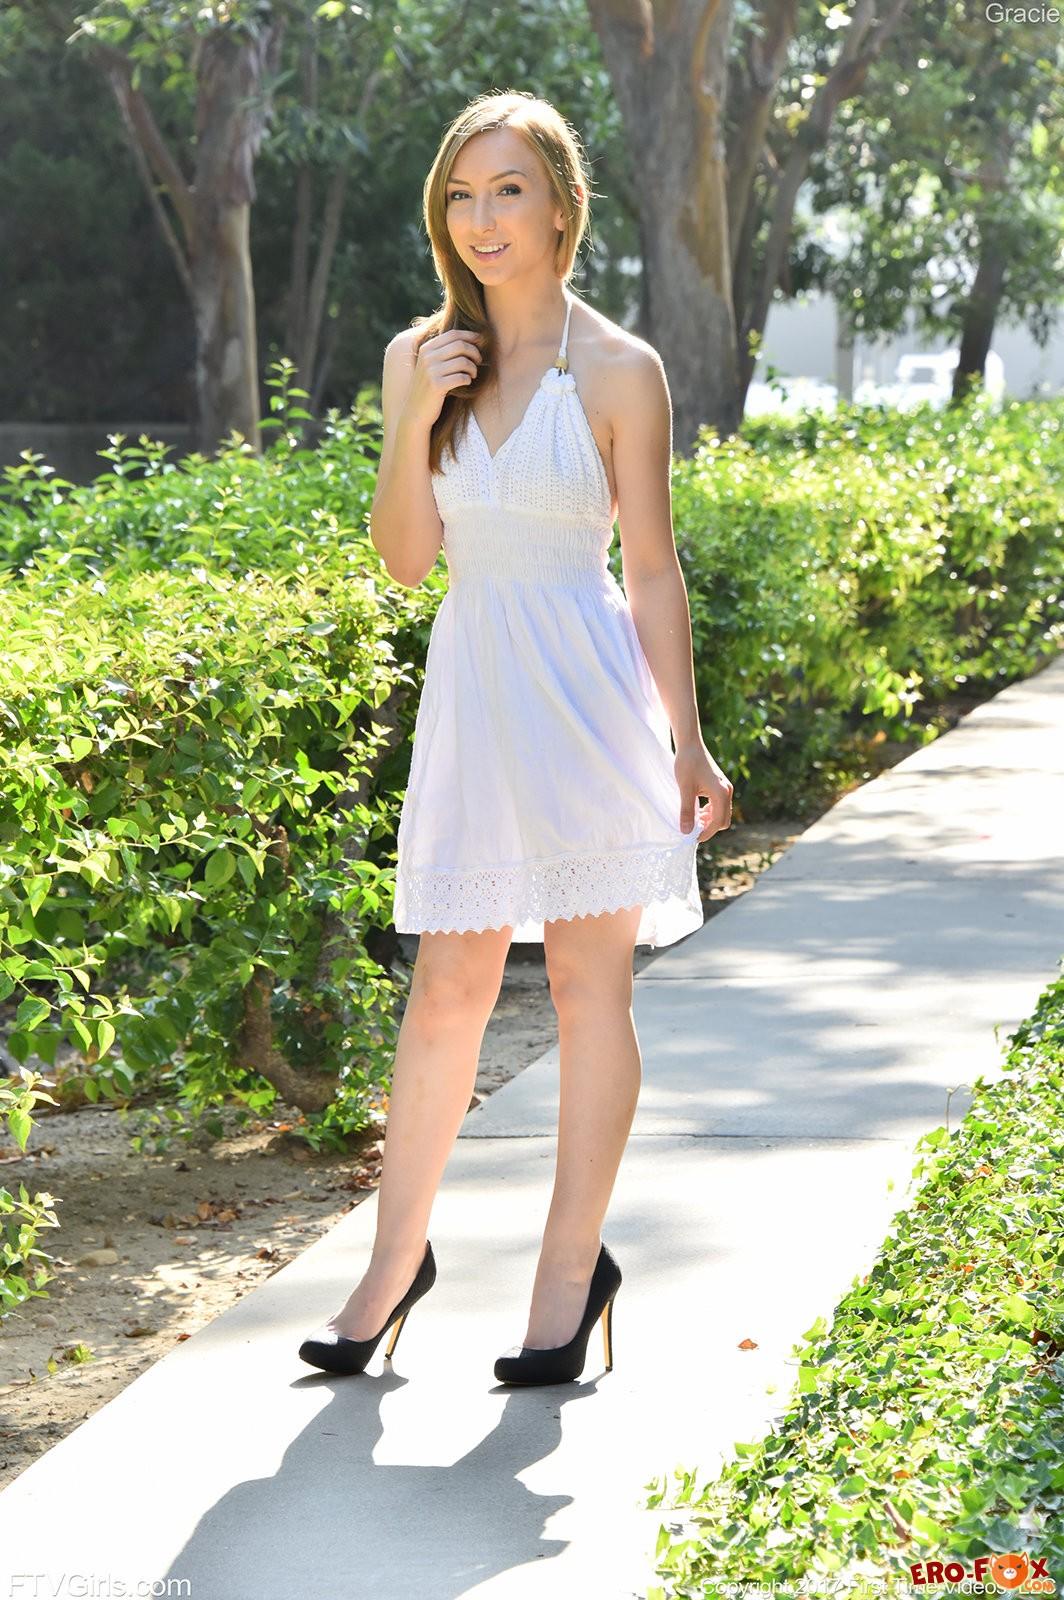 Девушка подняла платье и показала киску на прогулке